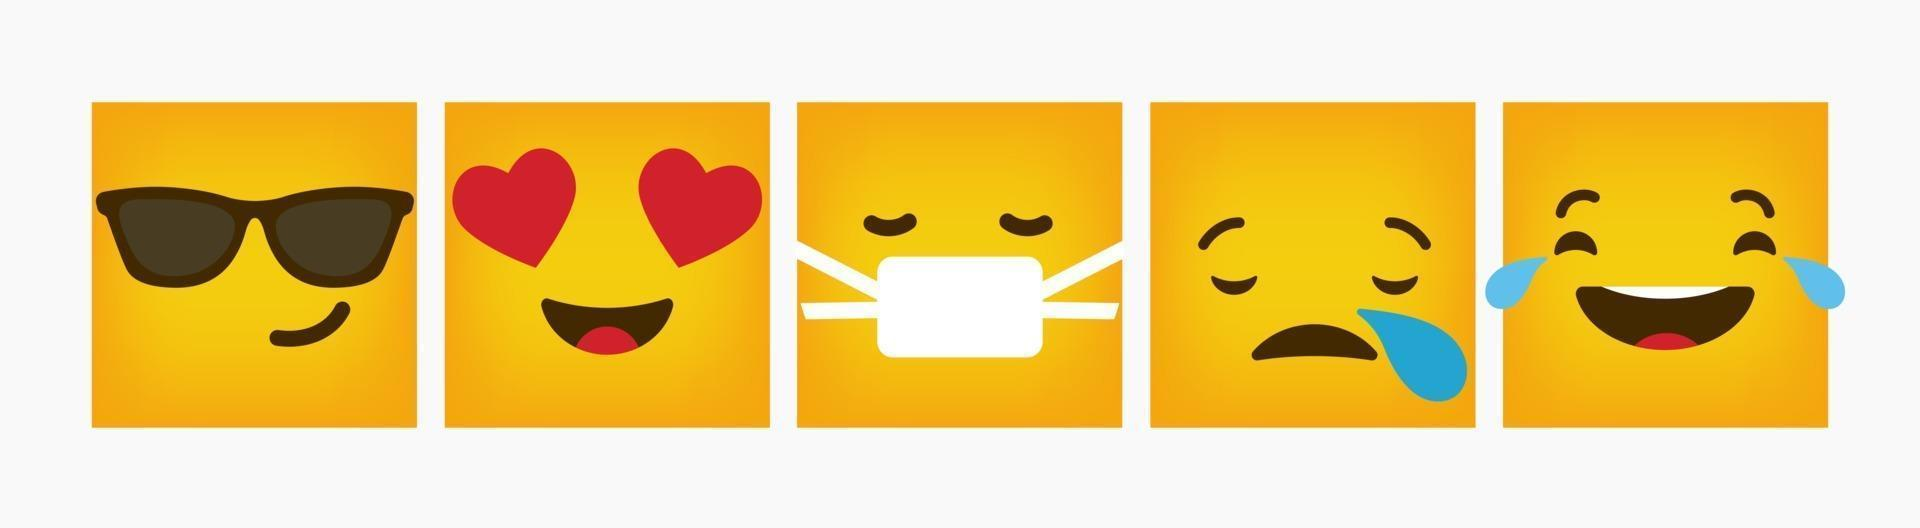 set piatto di reazione emoticon quadrato design vettore